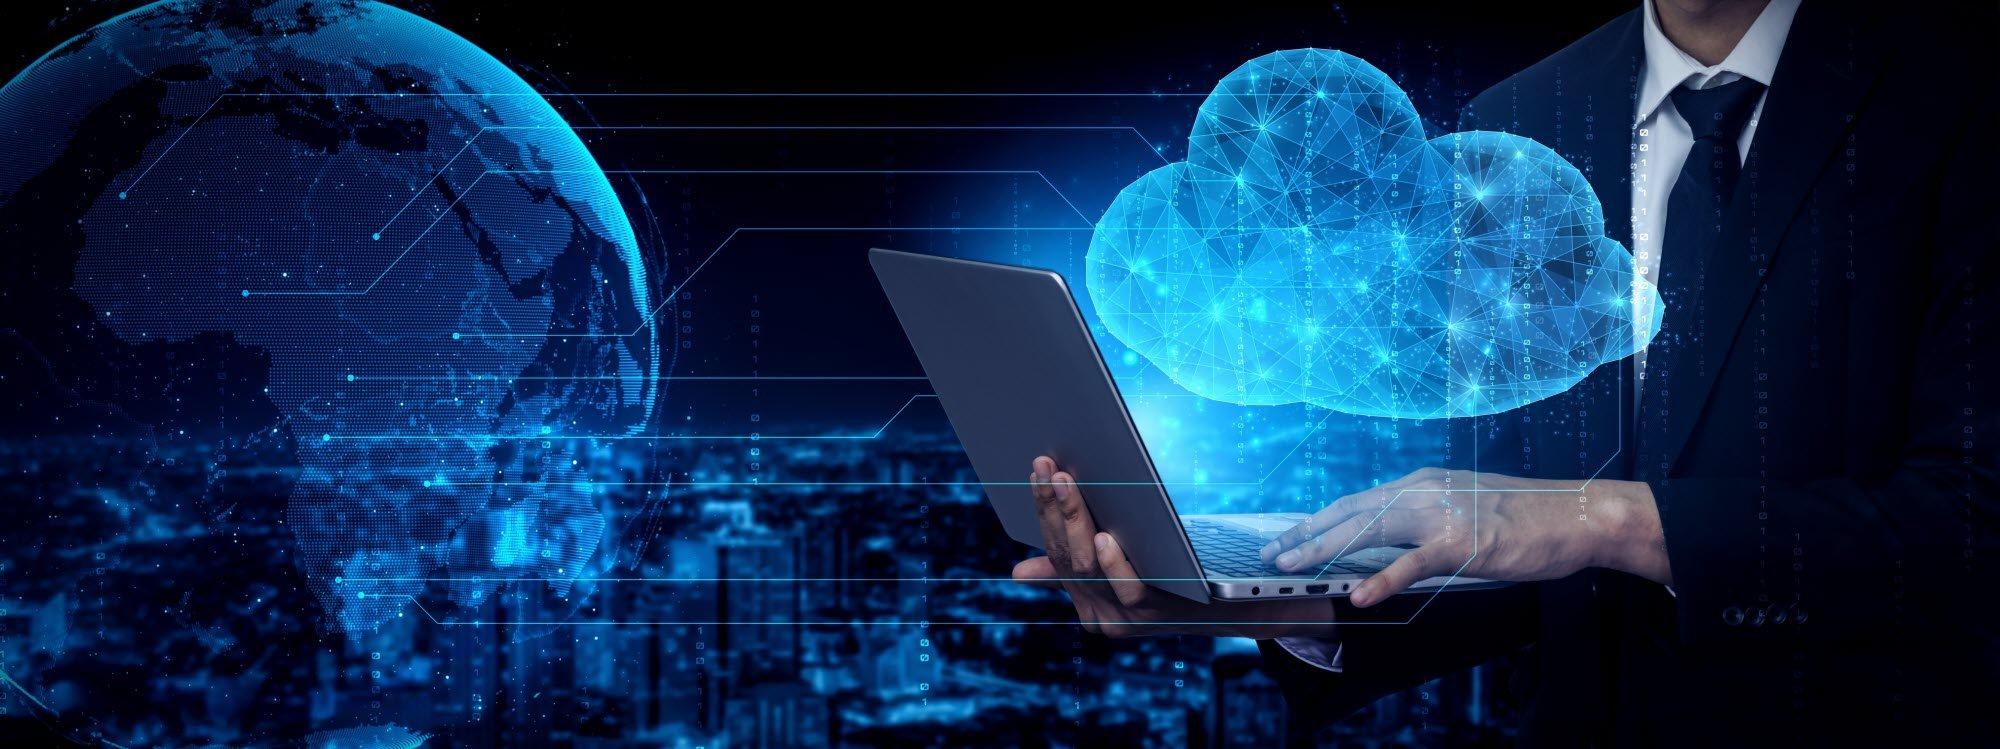 Our Cloud Services - Network Elites